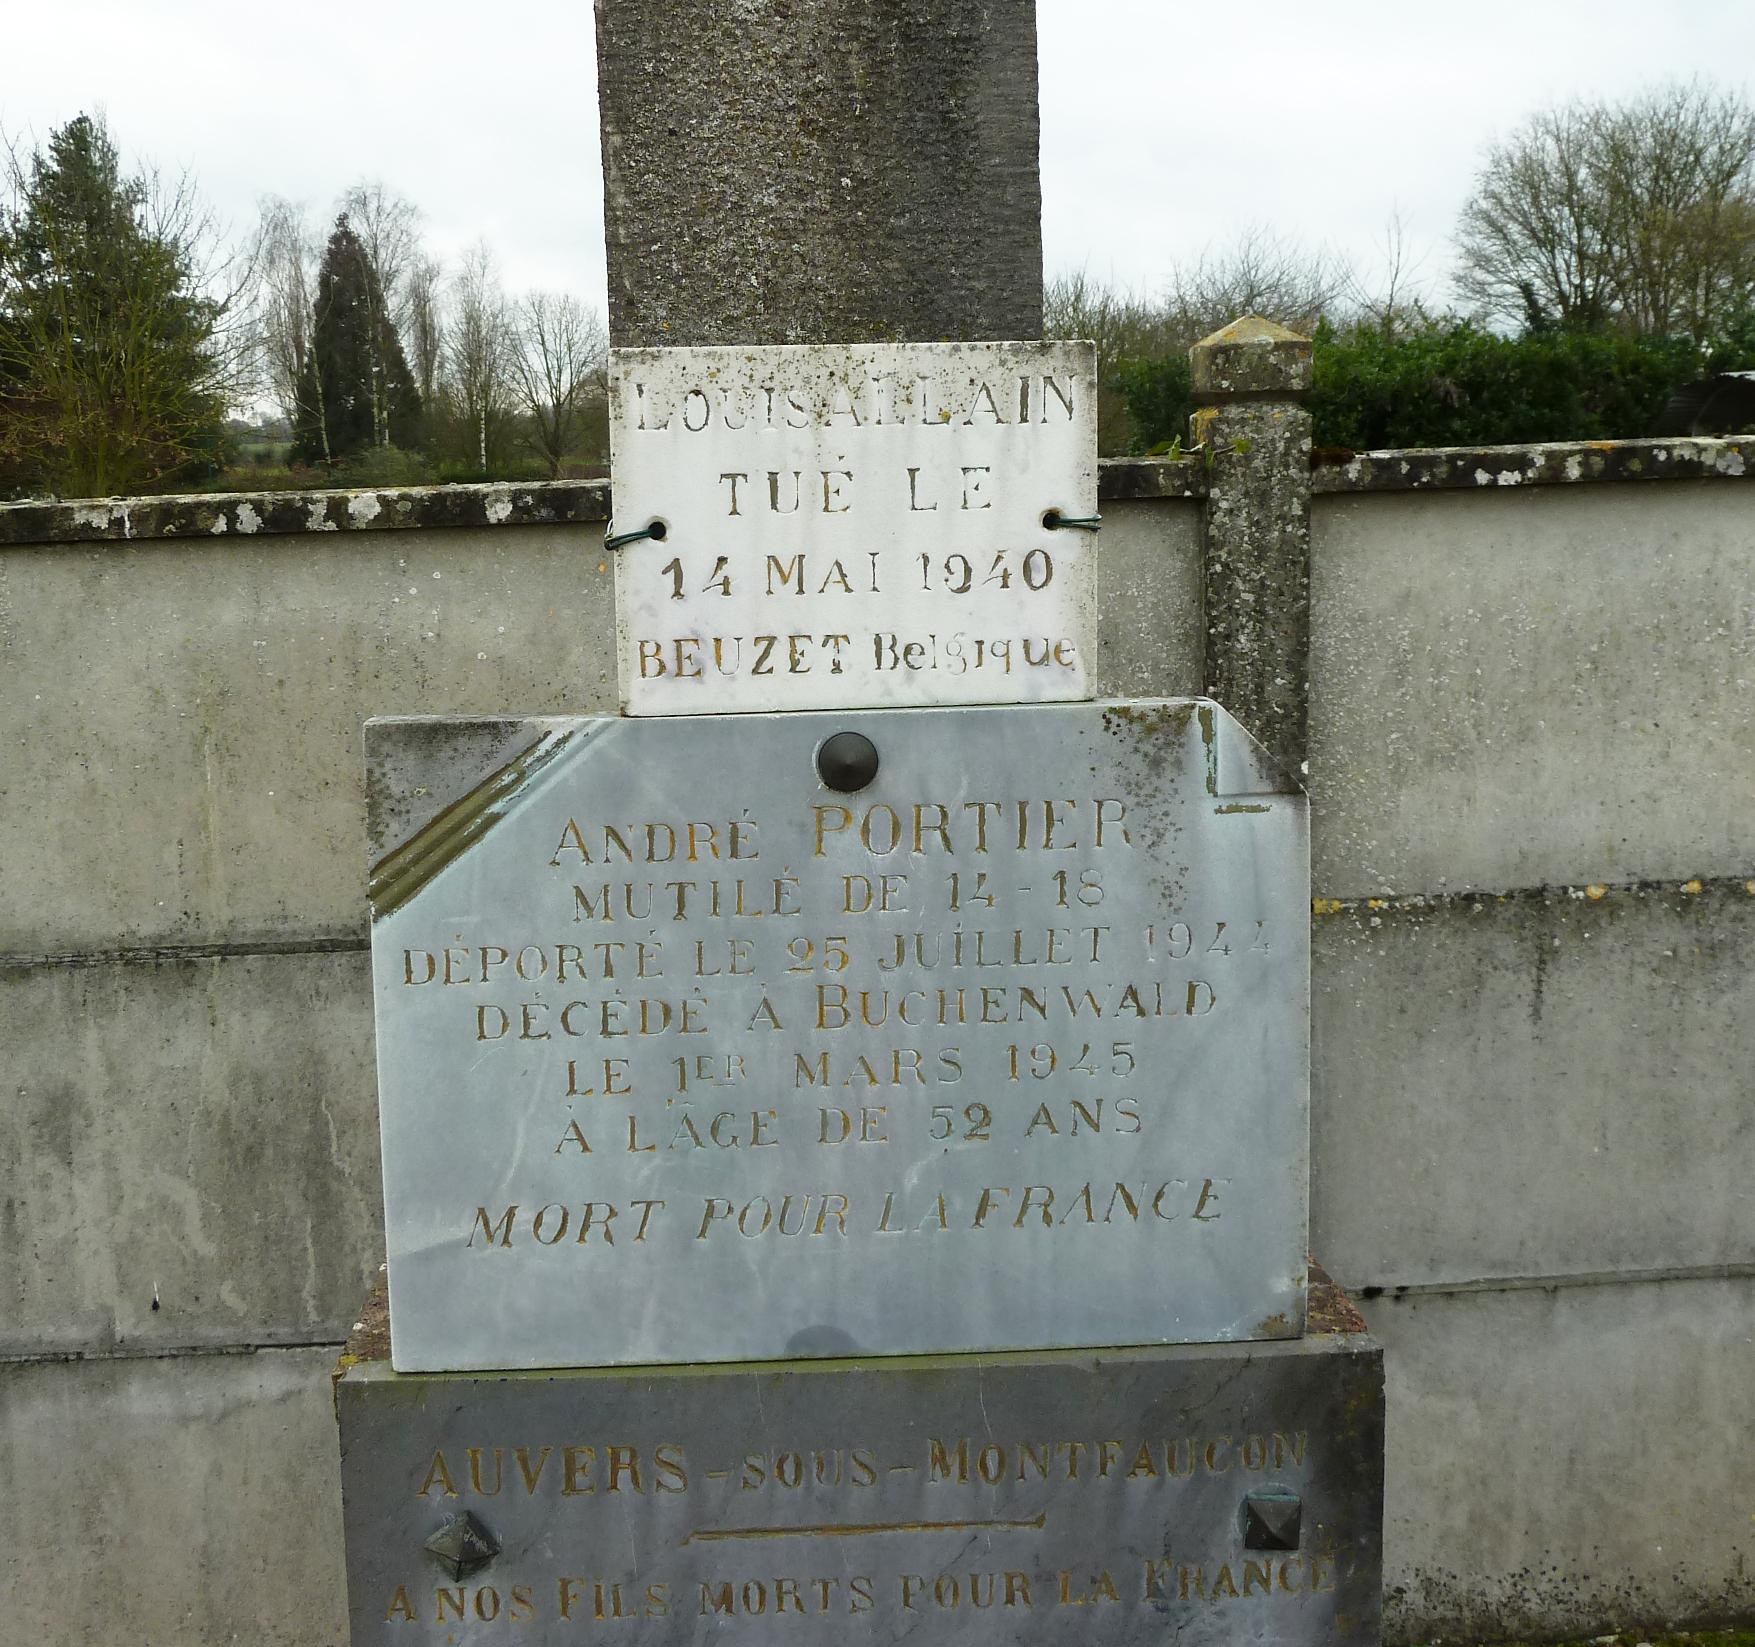 Auvers sous Montfaucon - Monument commémoratif - A nos fils morts pour la France 1914-1918 et 1939-1945 - Vue 02